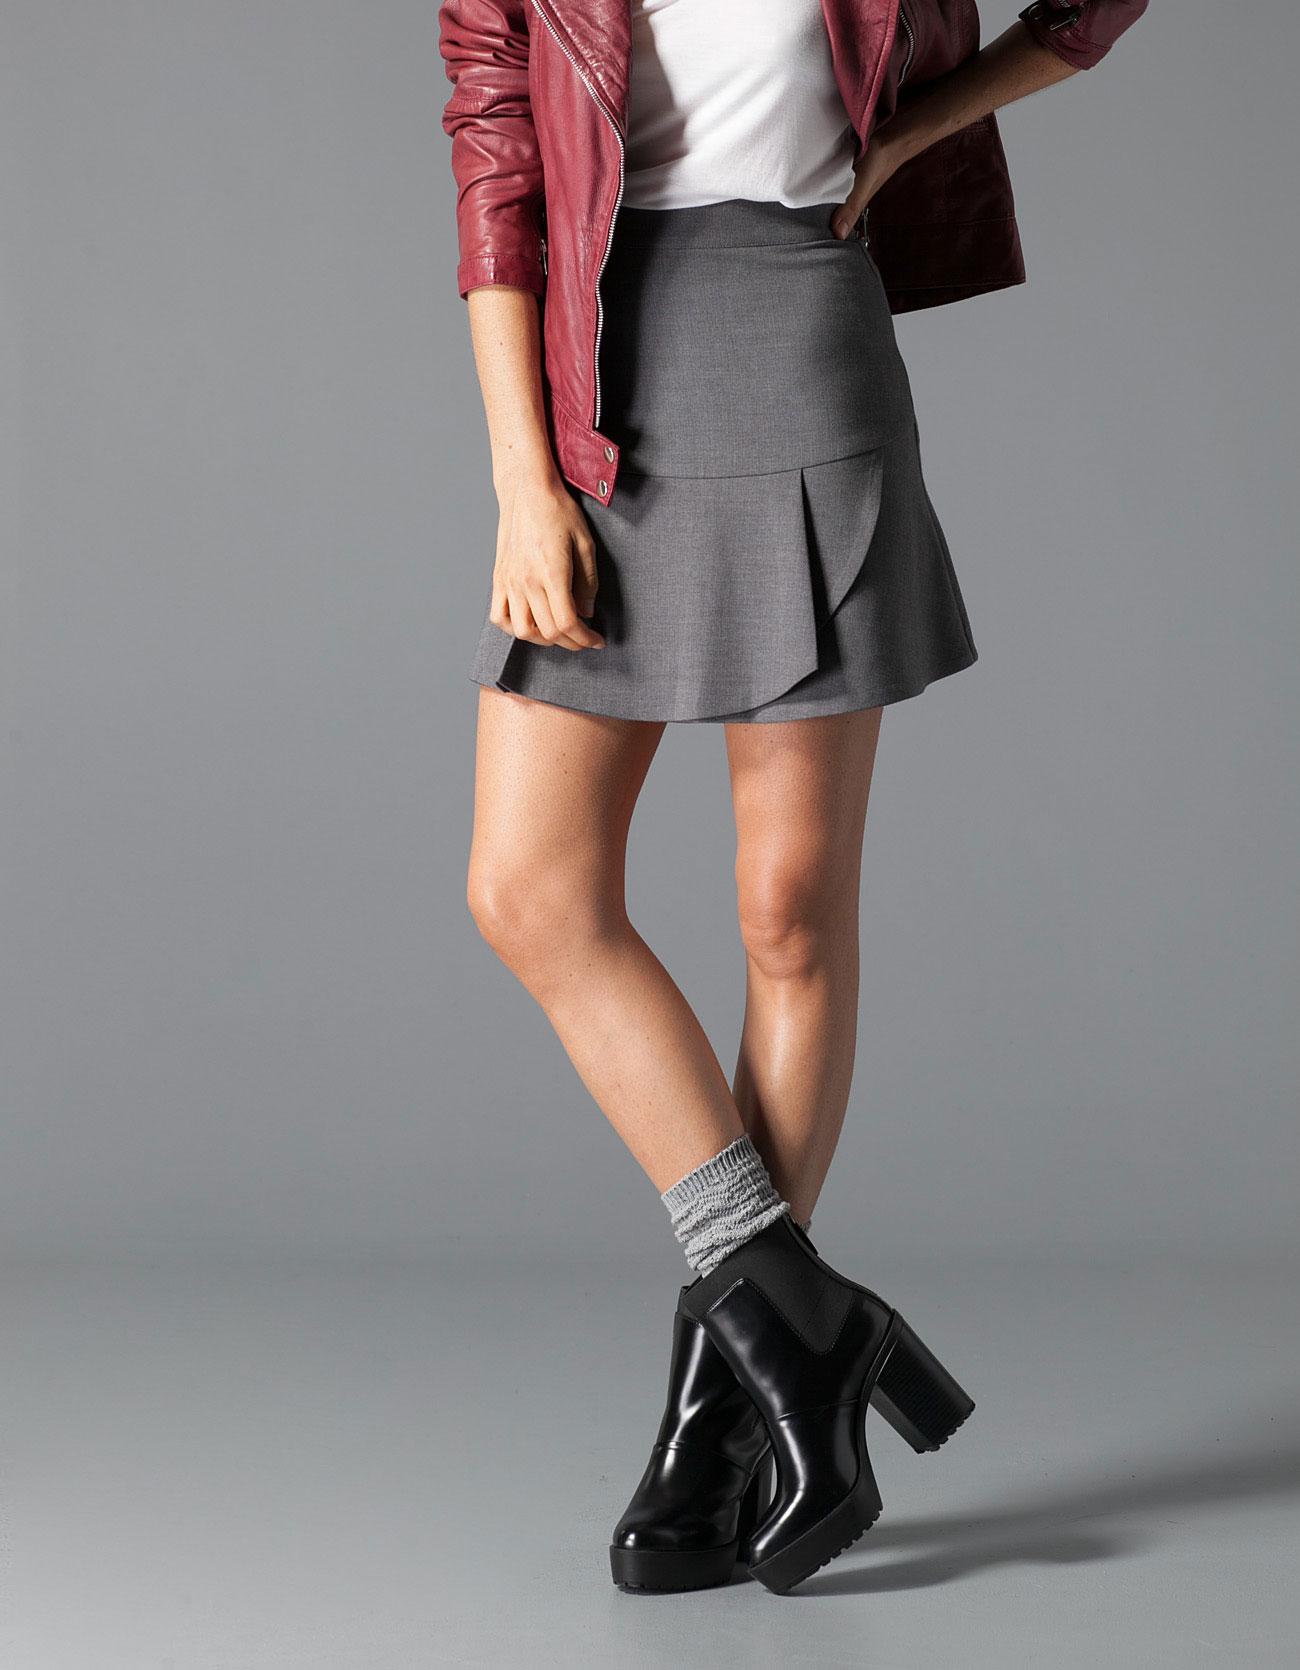 Stradivarius Frill Skirt